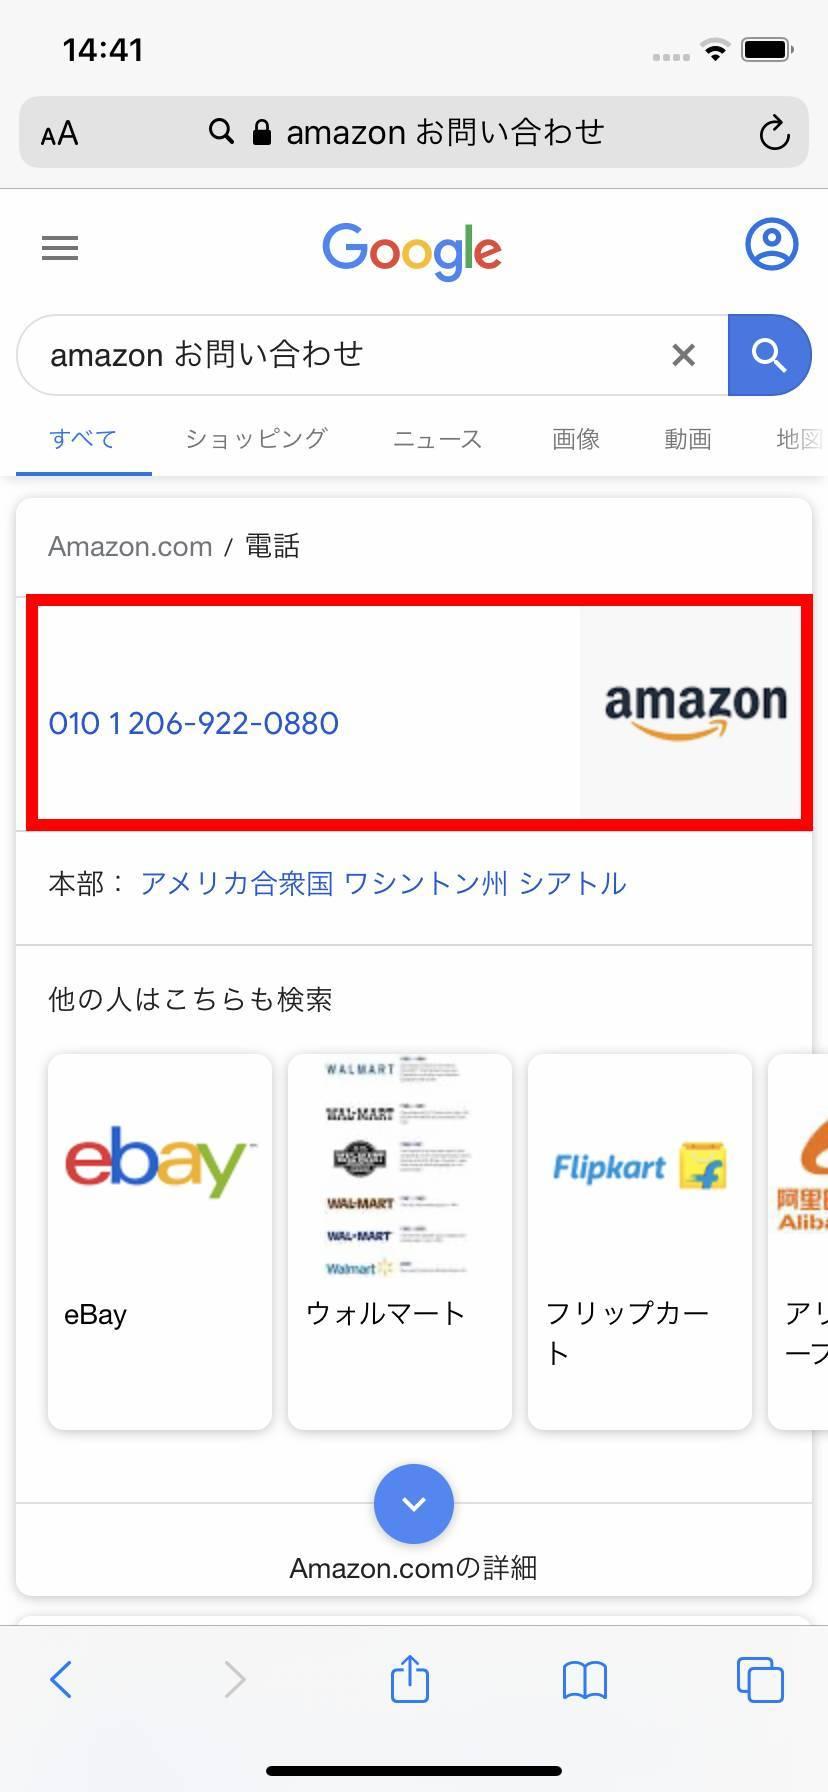 アメリカの電話番号